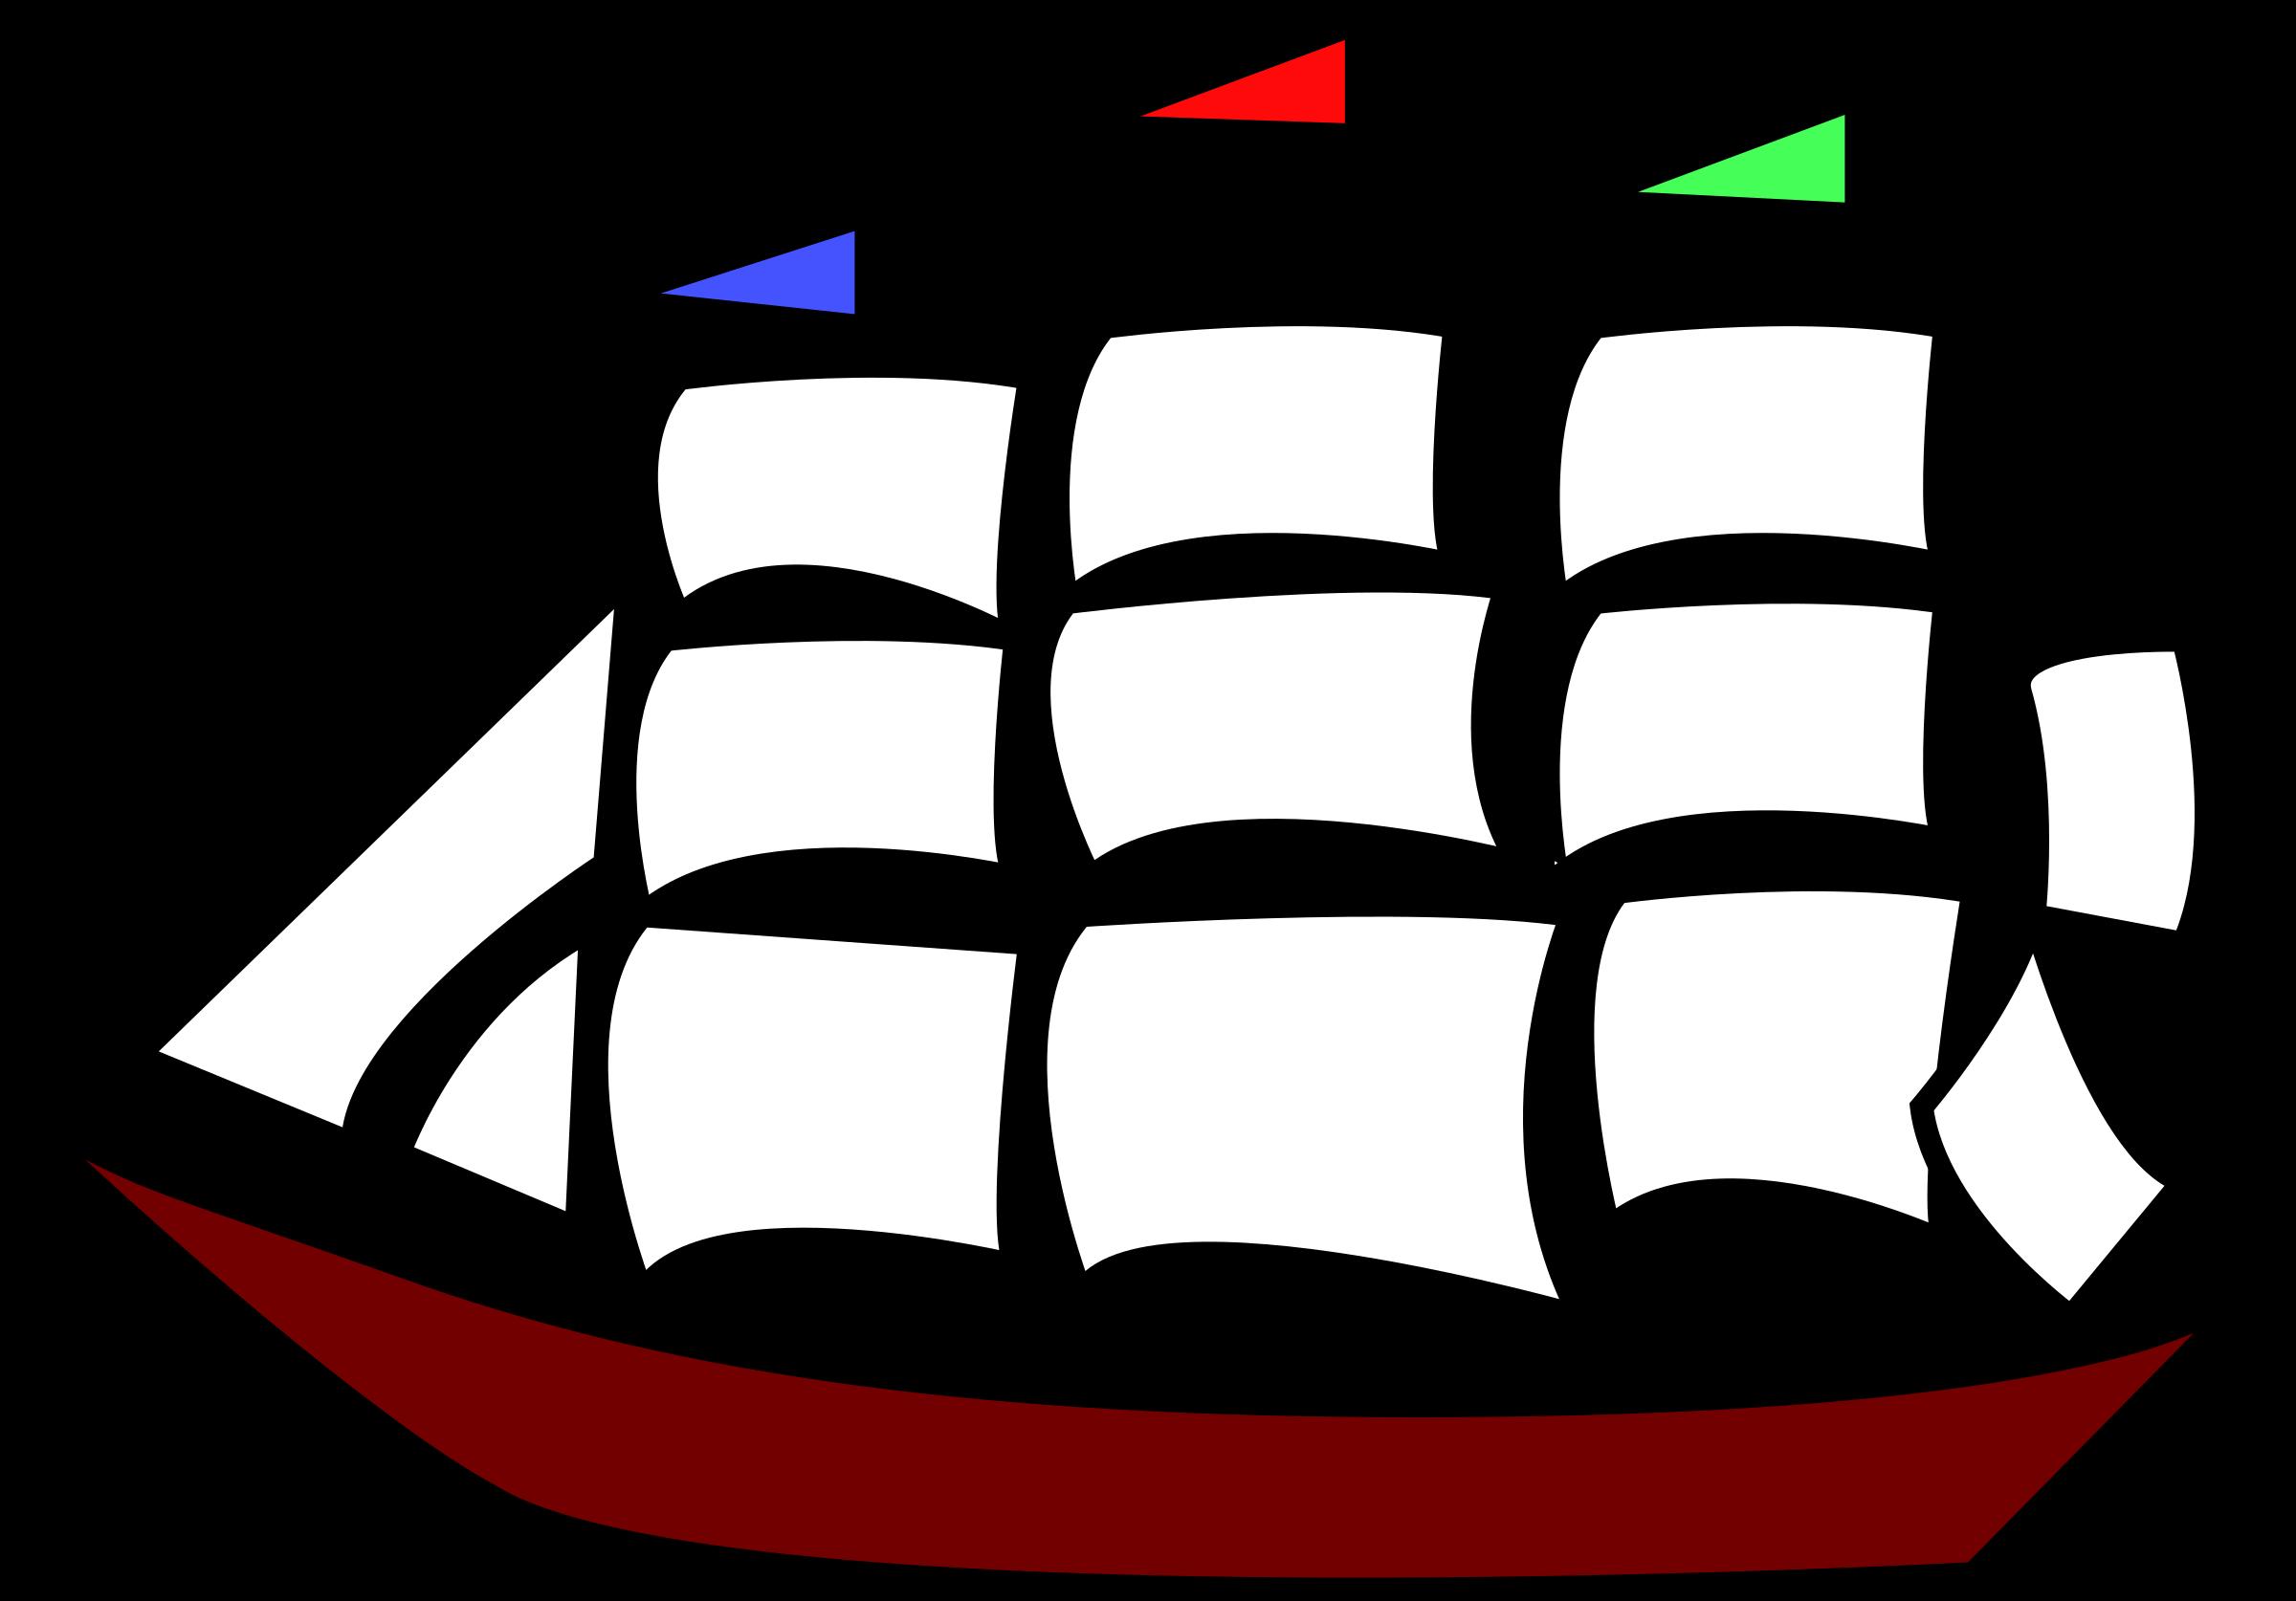 Sailing big image png. Coloring clipart ship